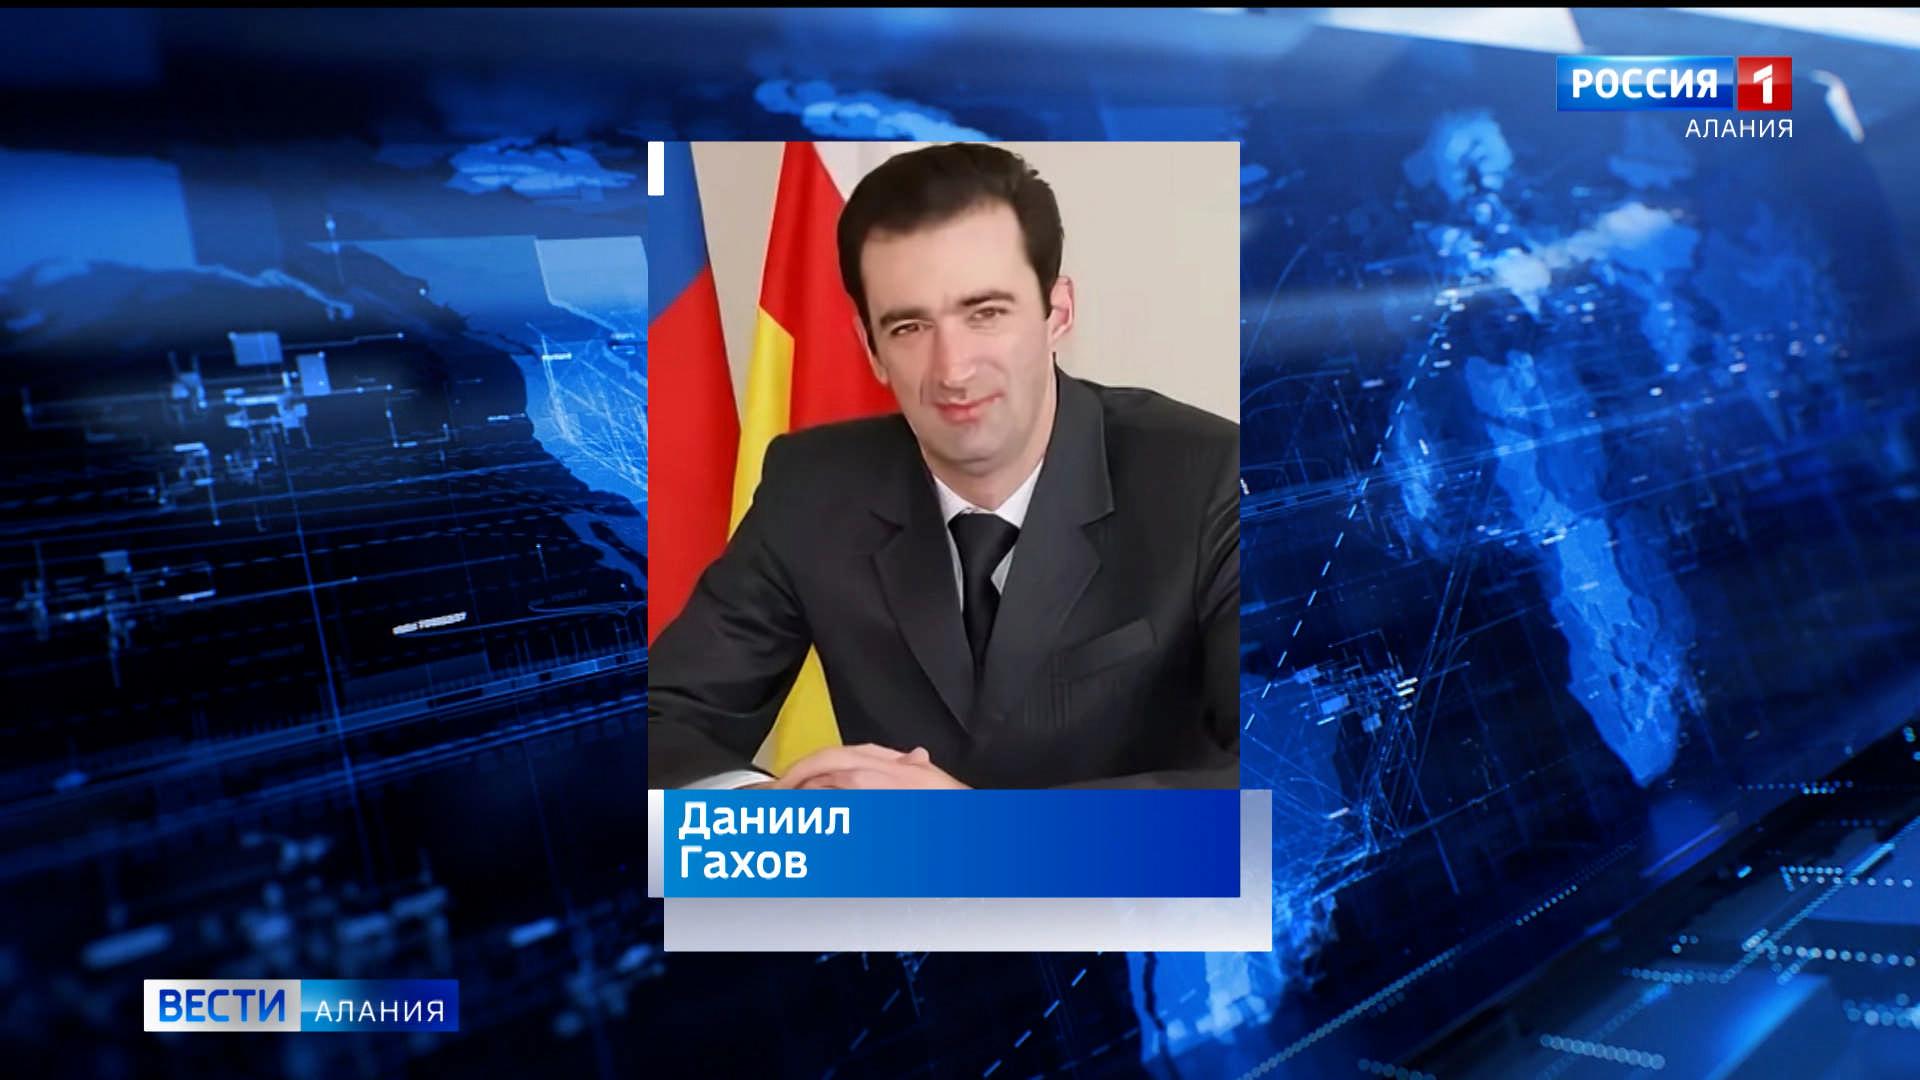 Даниил Гахов назначен врио руководителя управления по информационным технологиям и связи